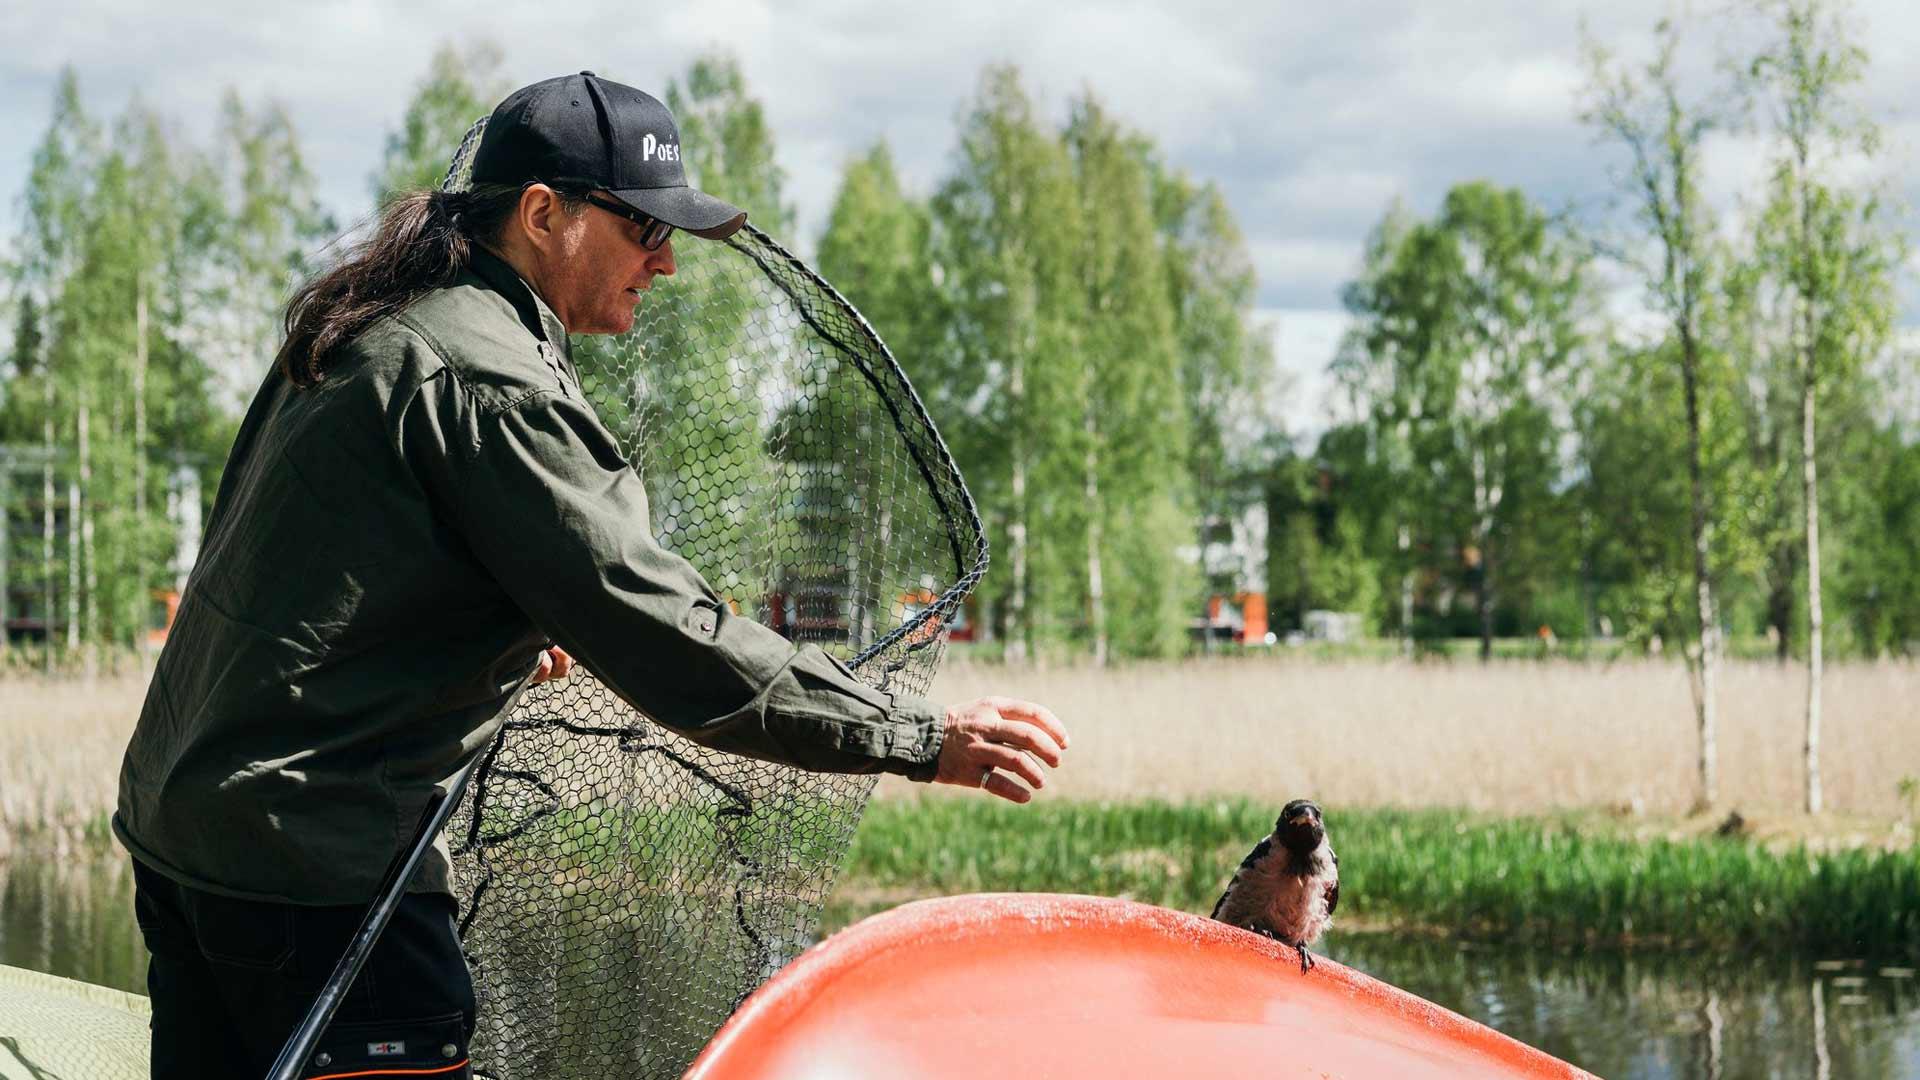 Mikkelin venesatamassa kyyhöttänyt variksenpoika sai jäädä niille sijoilleen, koska sen emolintu vartioi poikastaan läheisessä petäjässä.